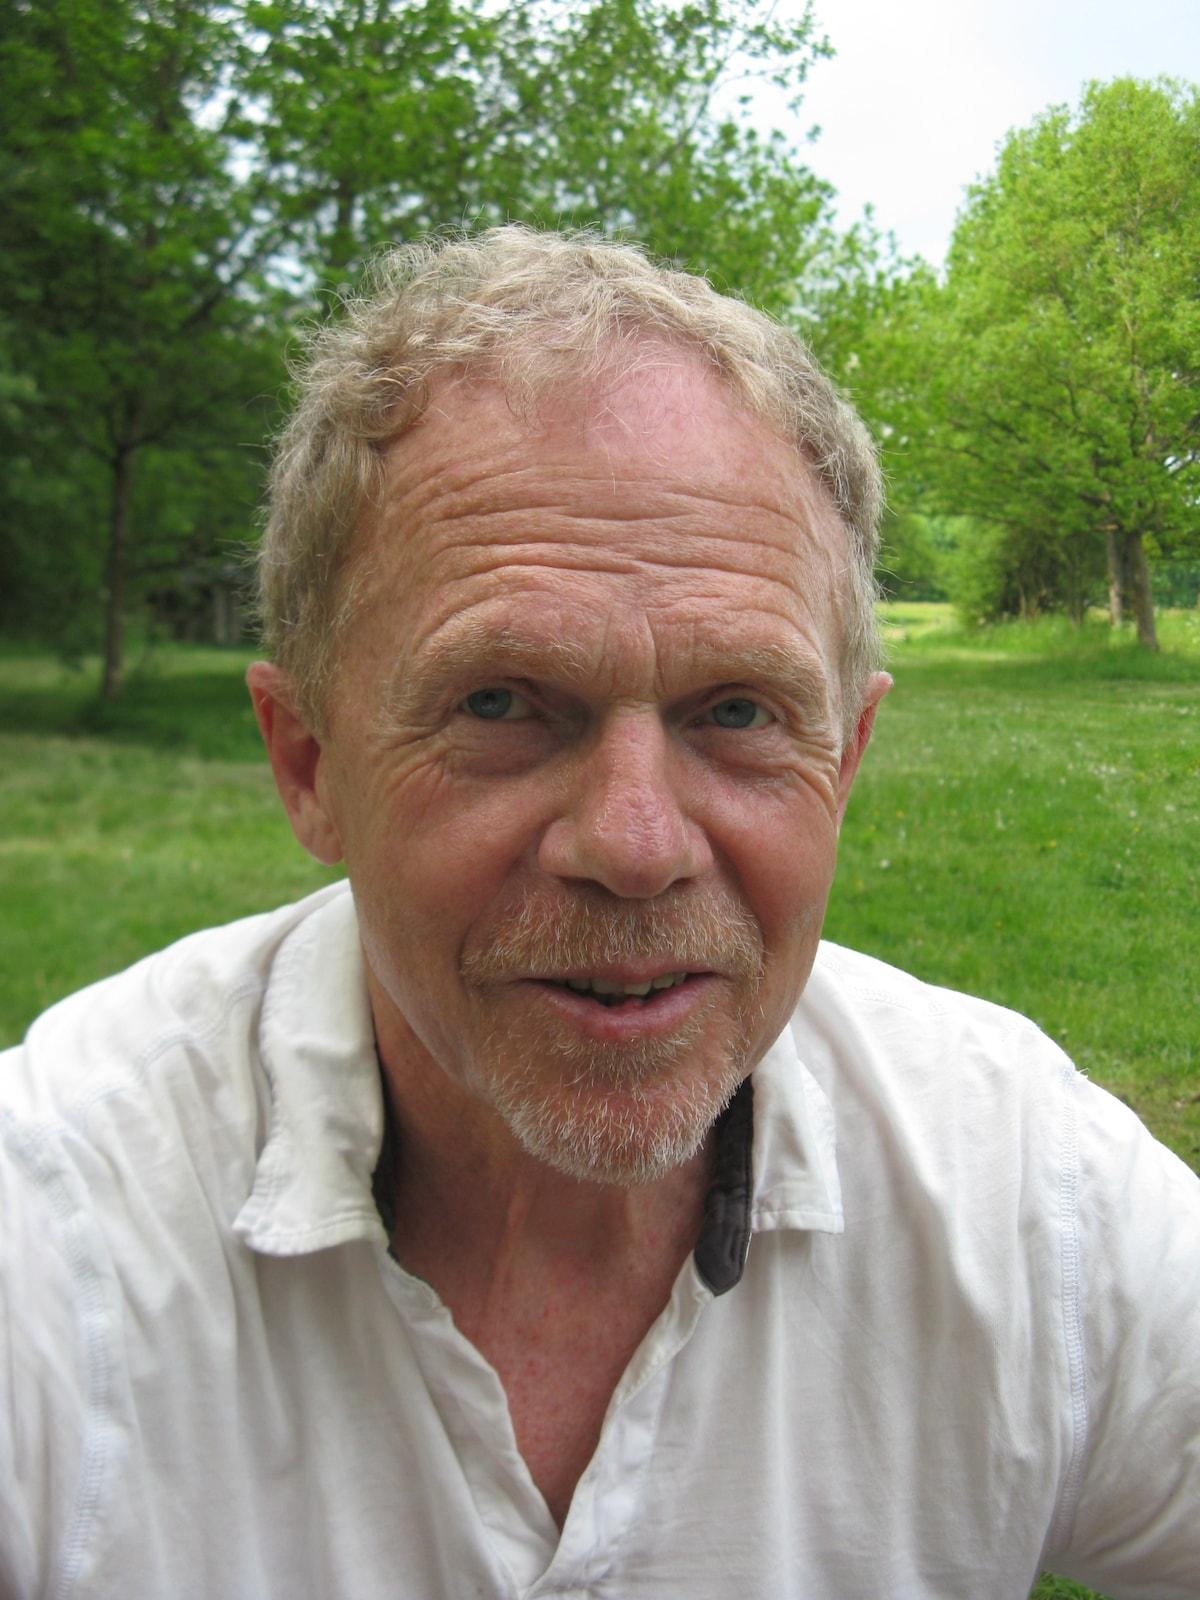 Holger From Denmark